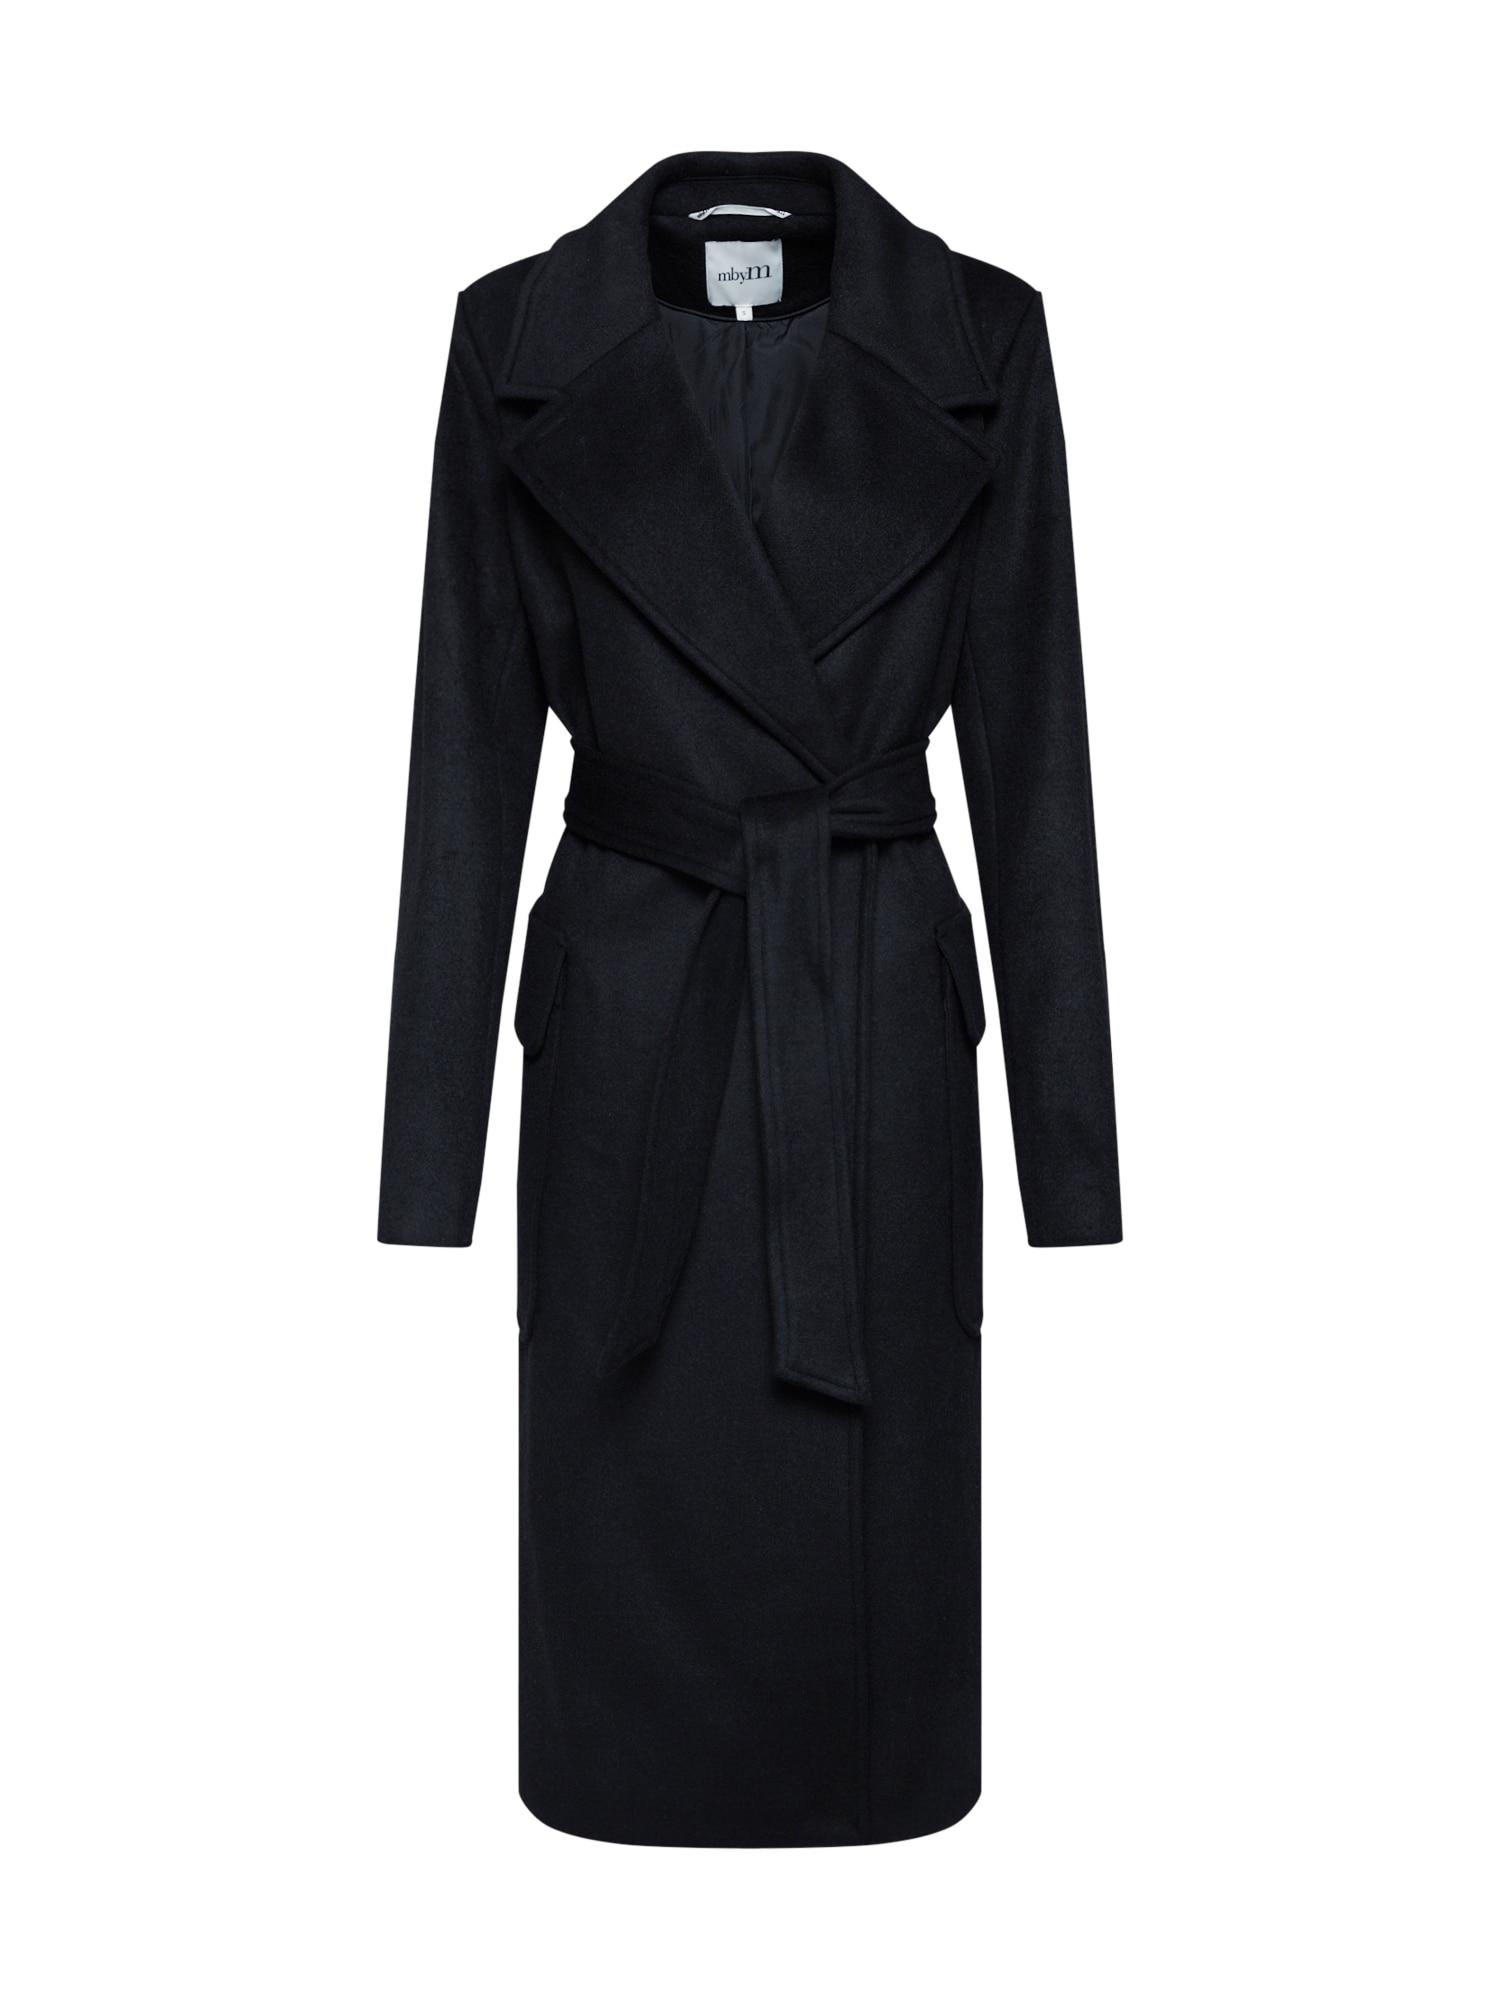 mbym Rudeninis-žieminis paltas 'Toby' juoda